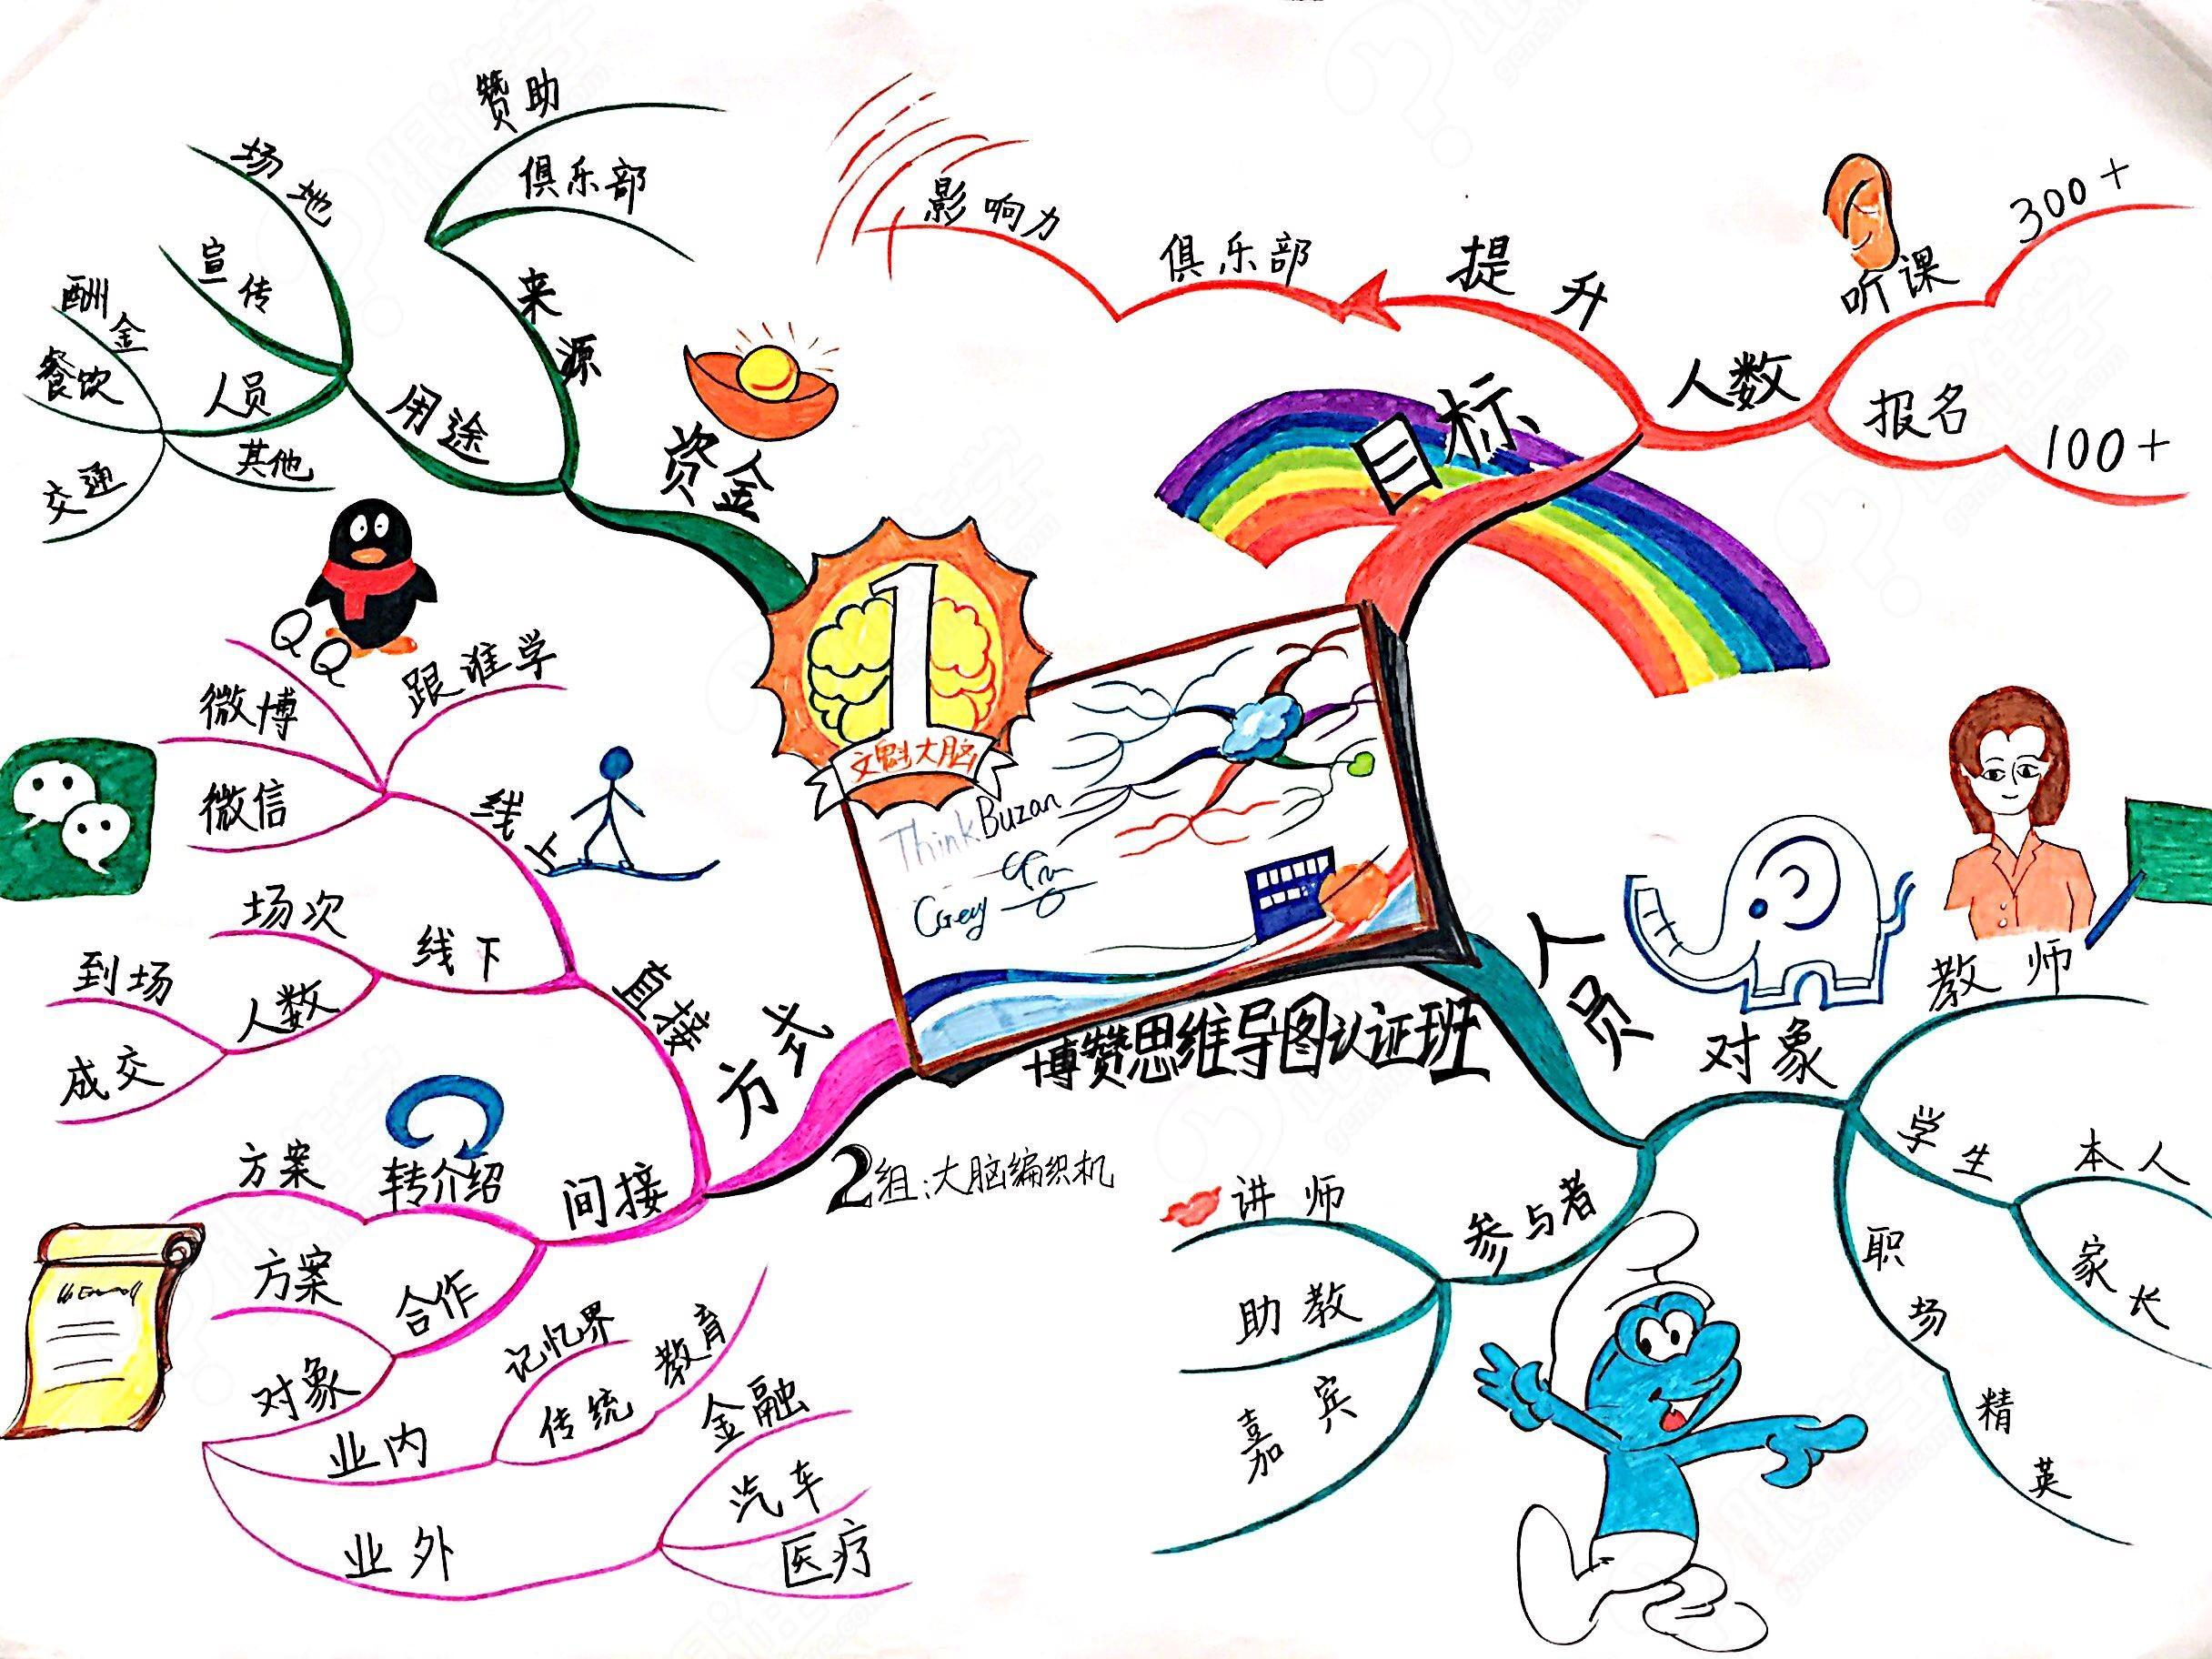 思维导图管理师认证班第4期(武汉大学)